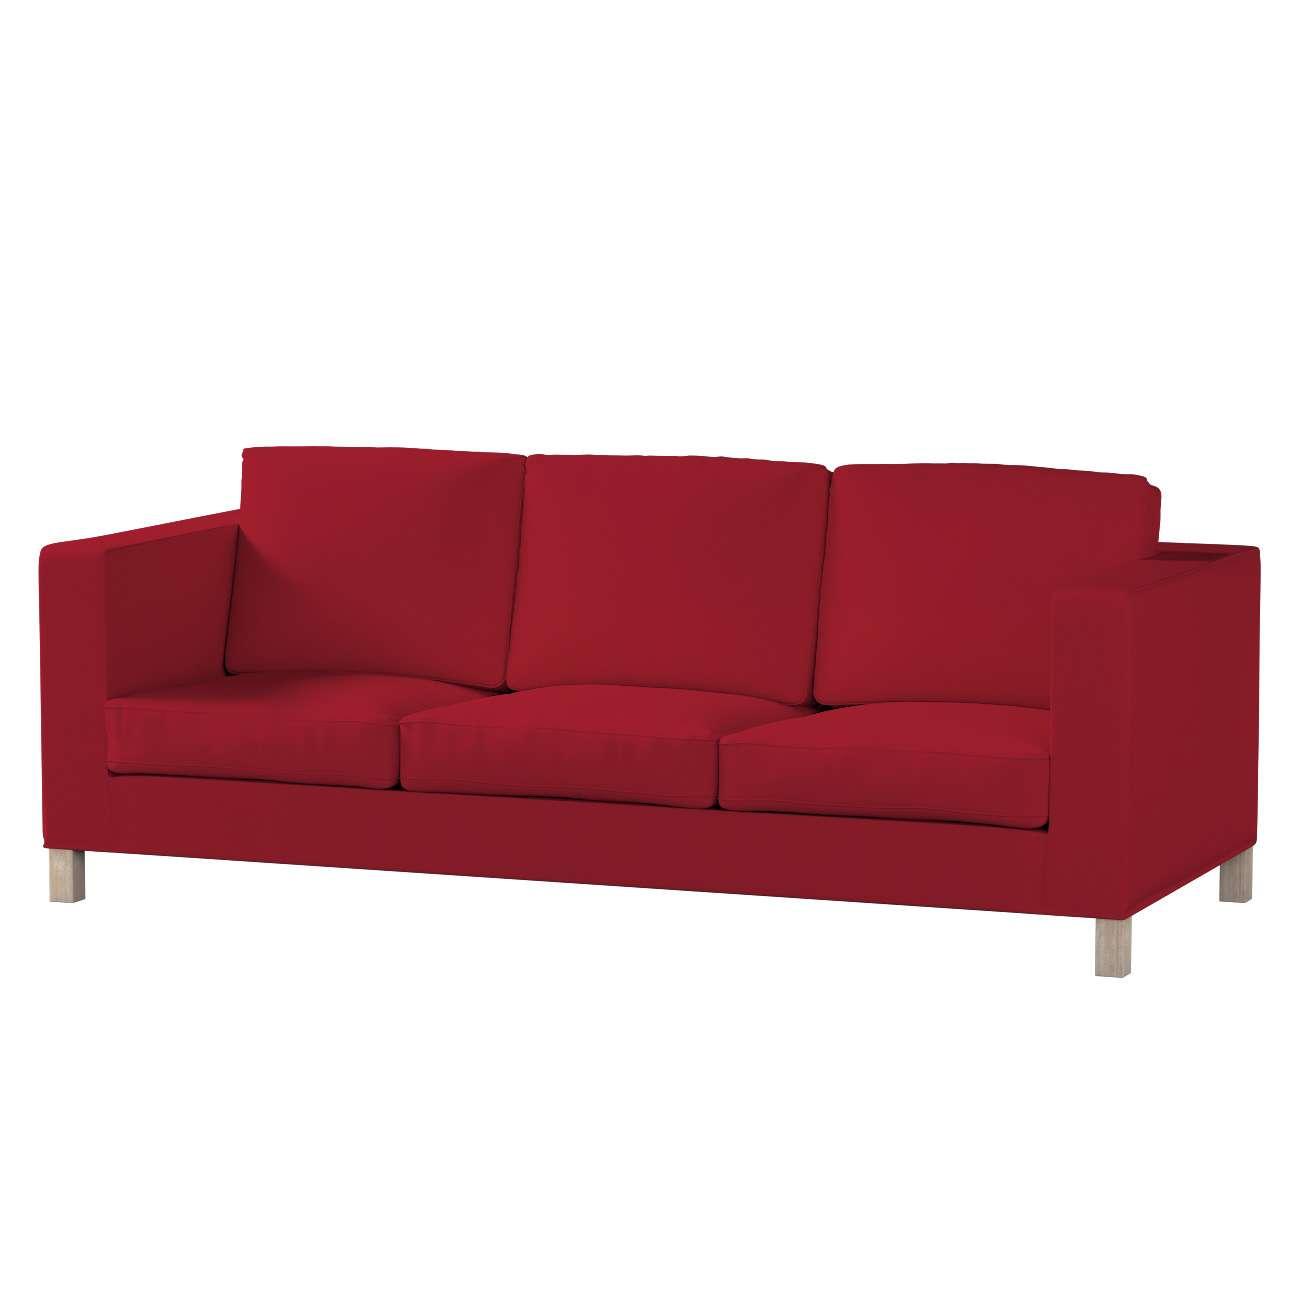 Pokrowiec na sofę Karlanda 3-osobową nierozkładaną, krótki Sofa Karlanda 3-os w kolekcji Chenille, tkanina: 702-24